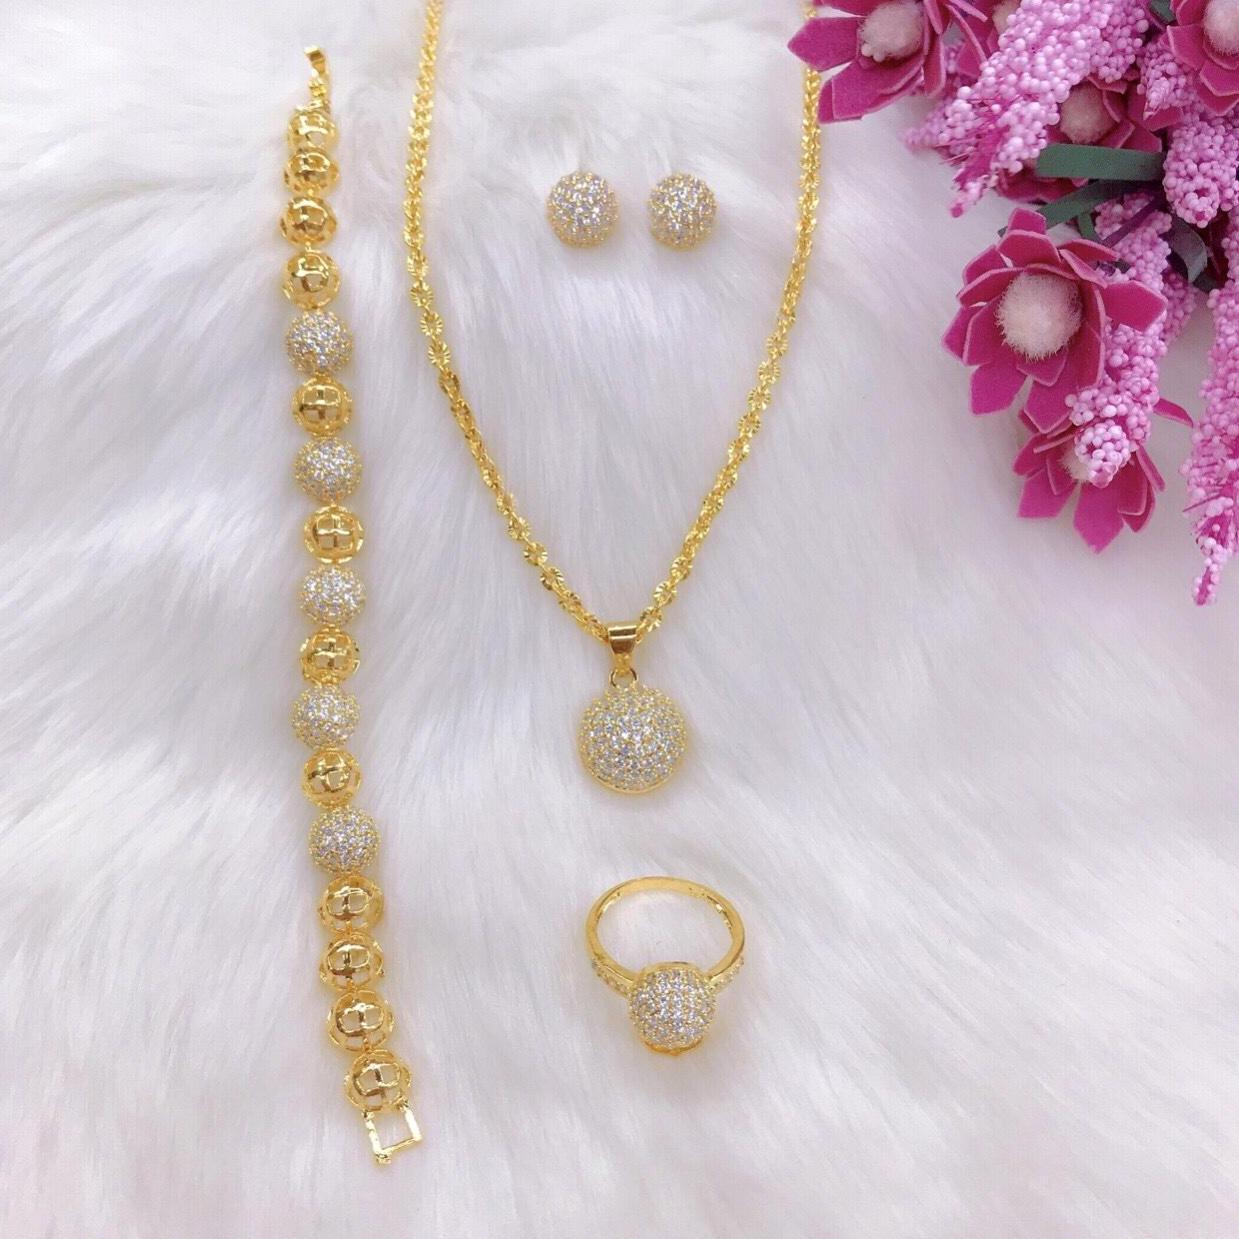 [RẺ VÔ ĐỊCH] Bộ trang sức nữ mạ vàng 18k, bộ trang sức bi châu xỏ đính đá pha lêsáng lấp lánh không phai màu thiết kế sang trọng quý phái Trang Sức Gadoshop VB408091901 - Đeo đi làm đi đám cưới sang trọng